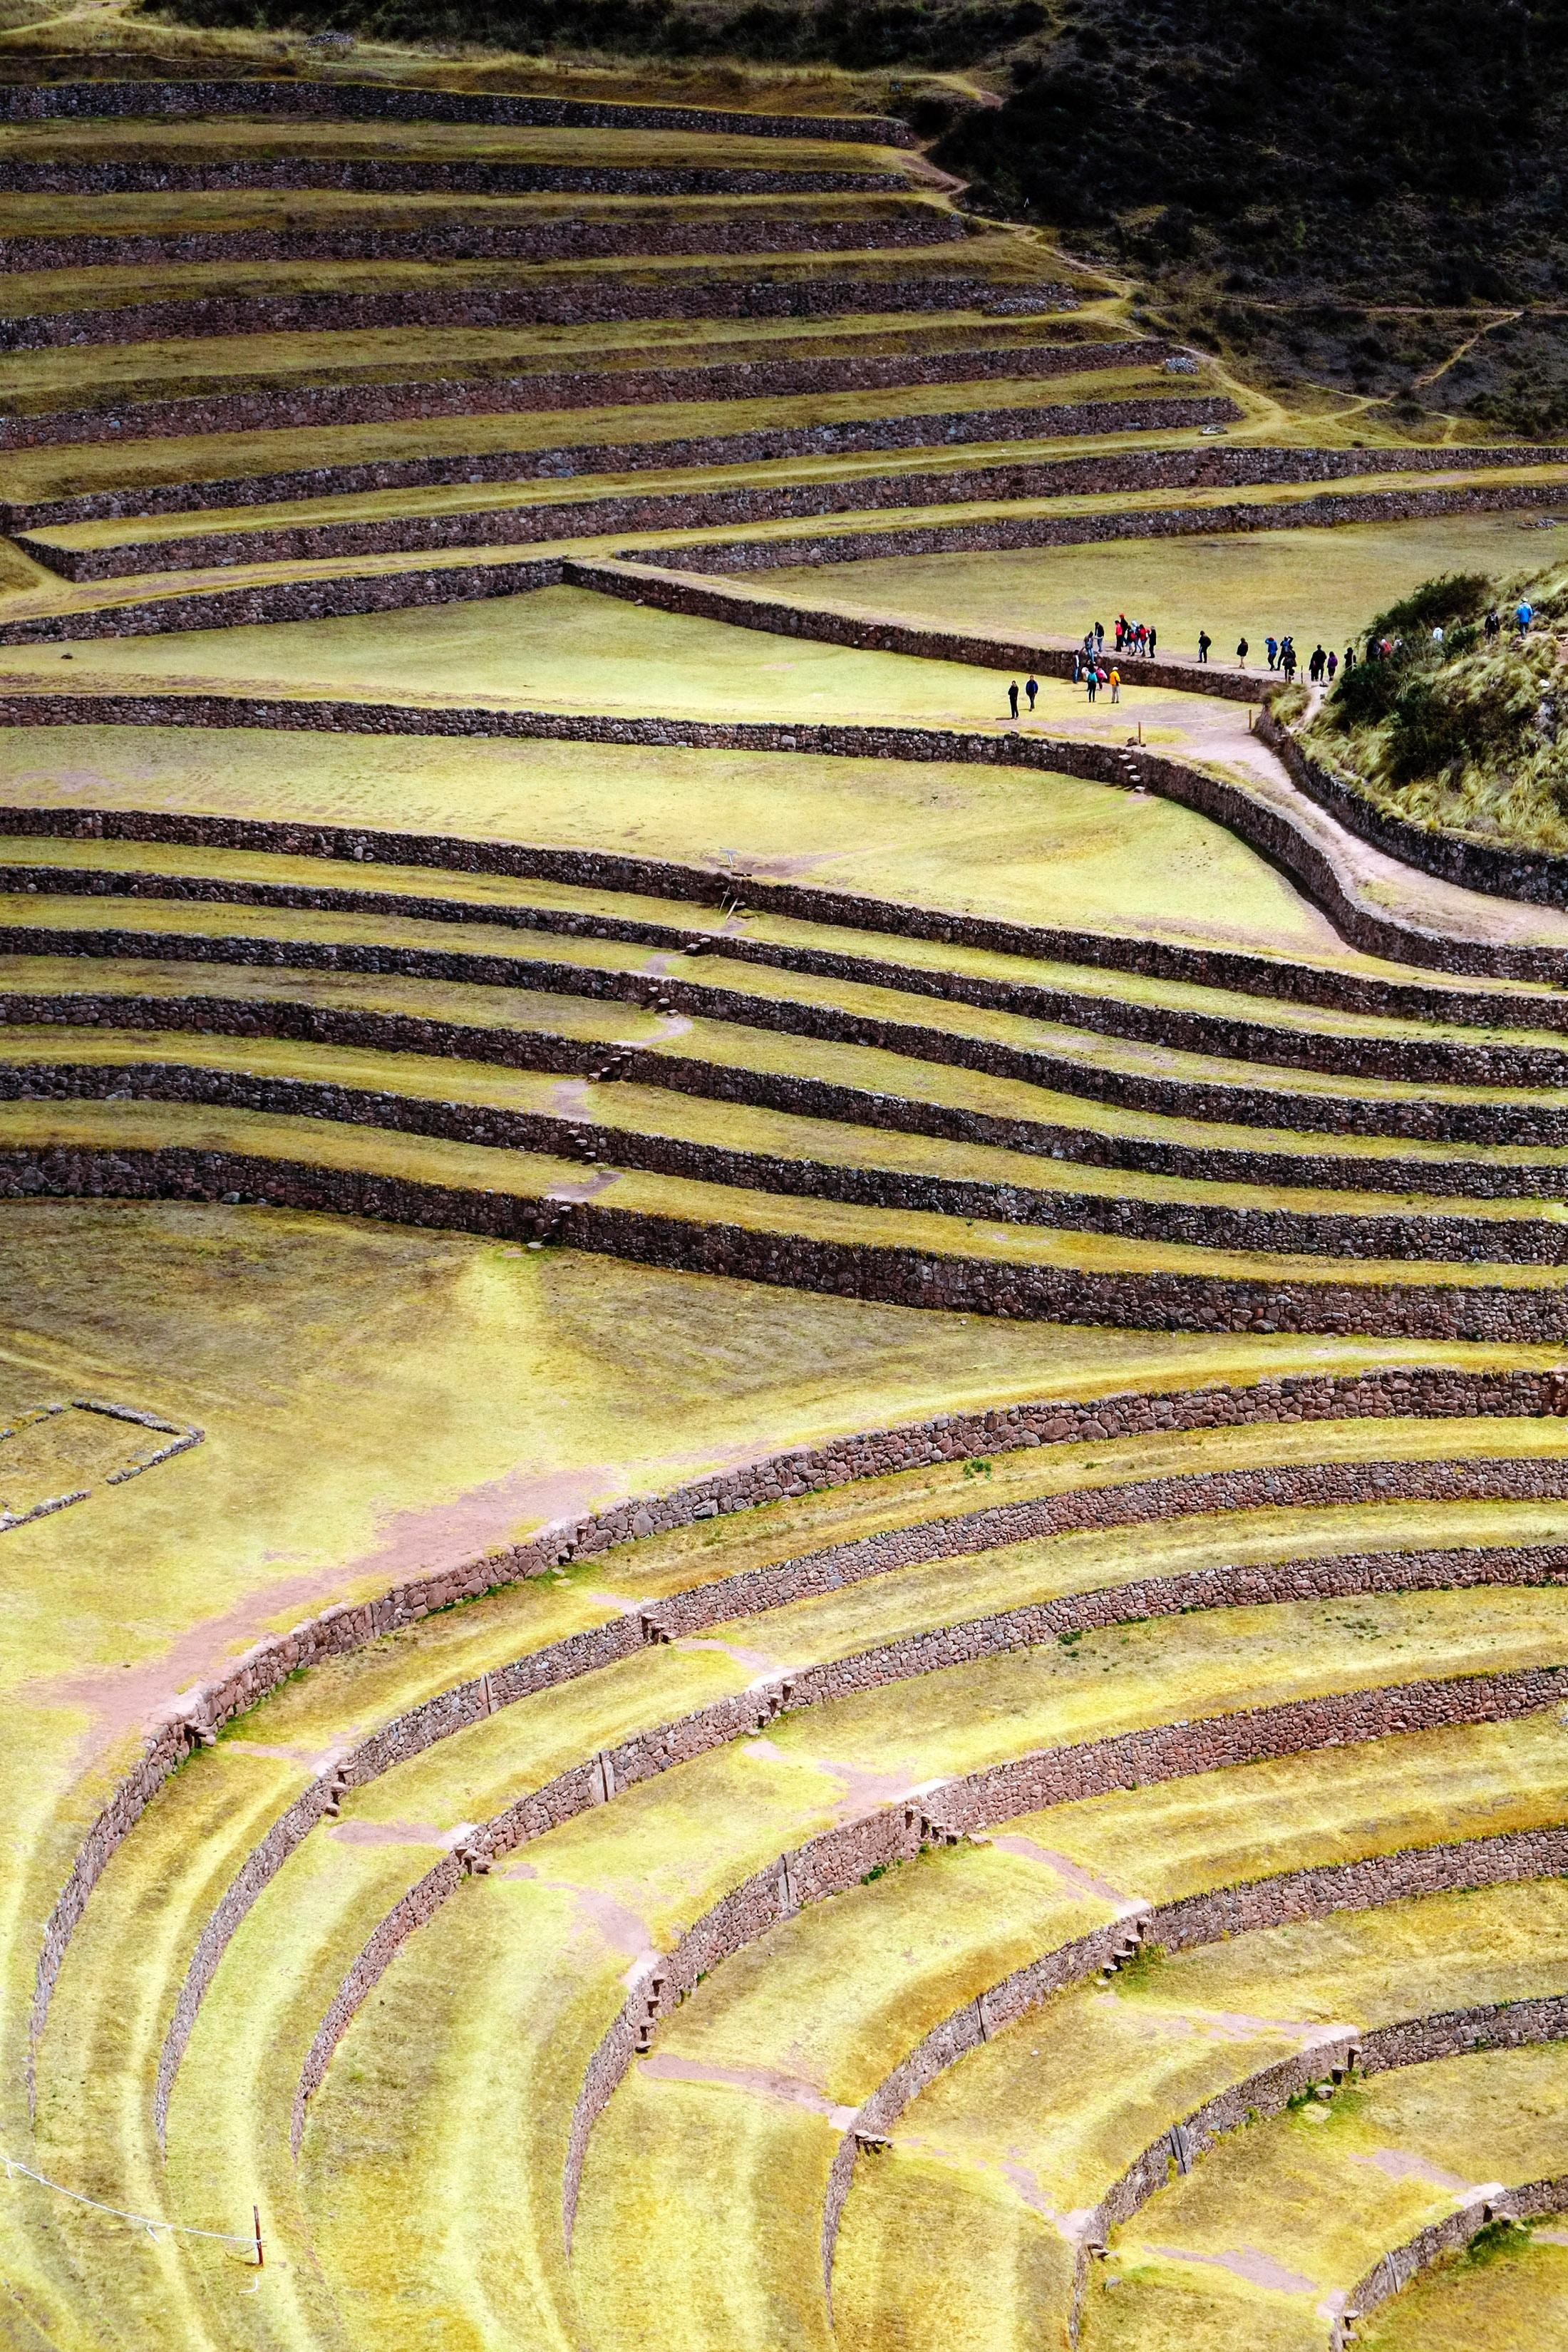 Vista aérea de la reserva arqueológica Photo by Pedro Lastra